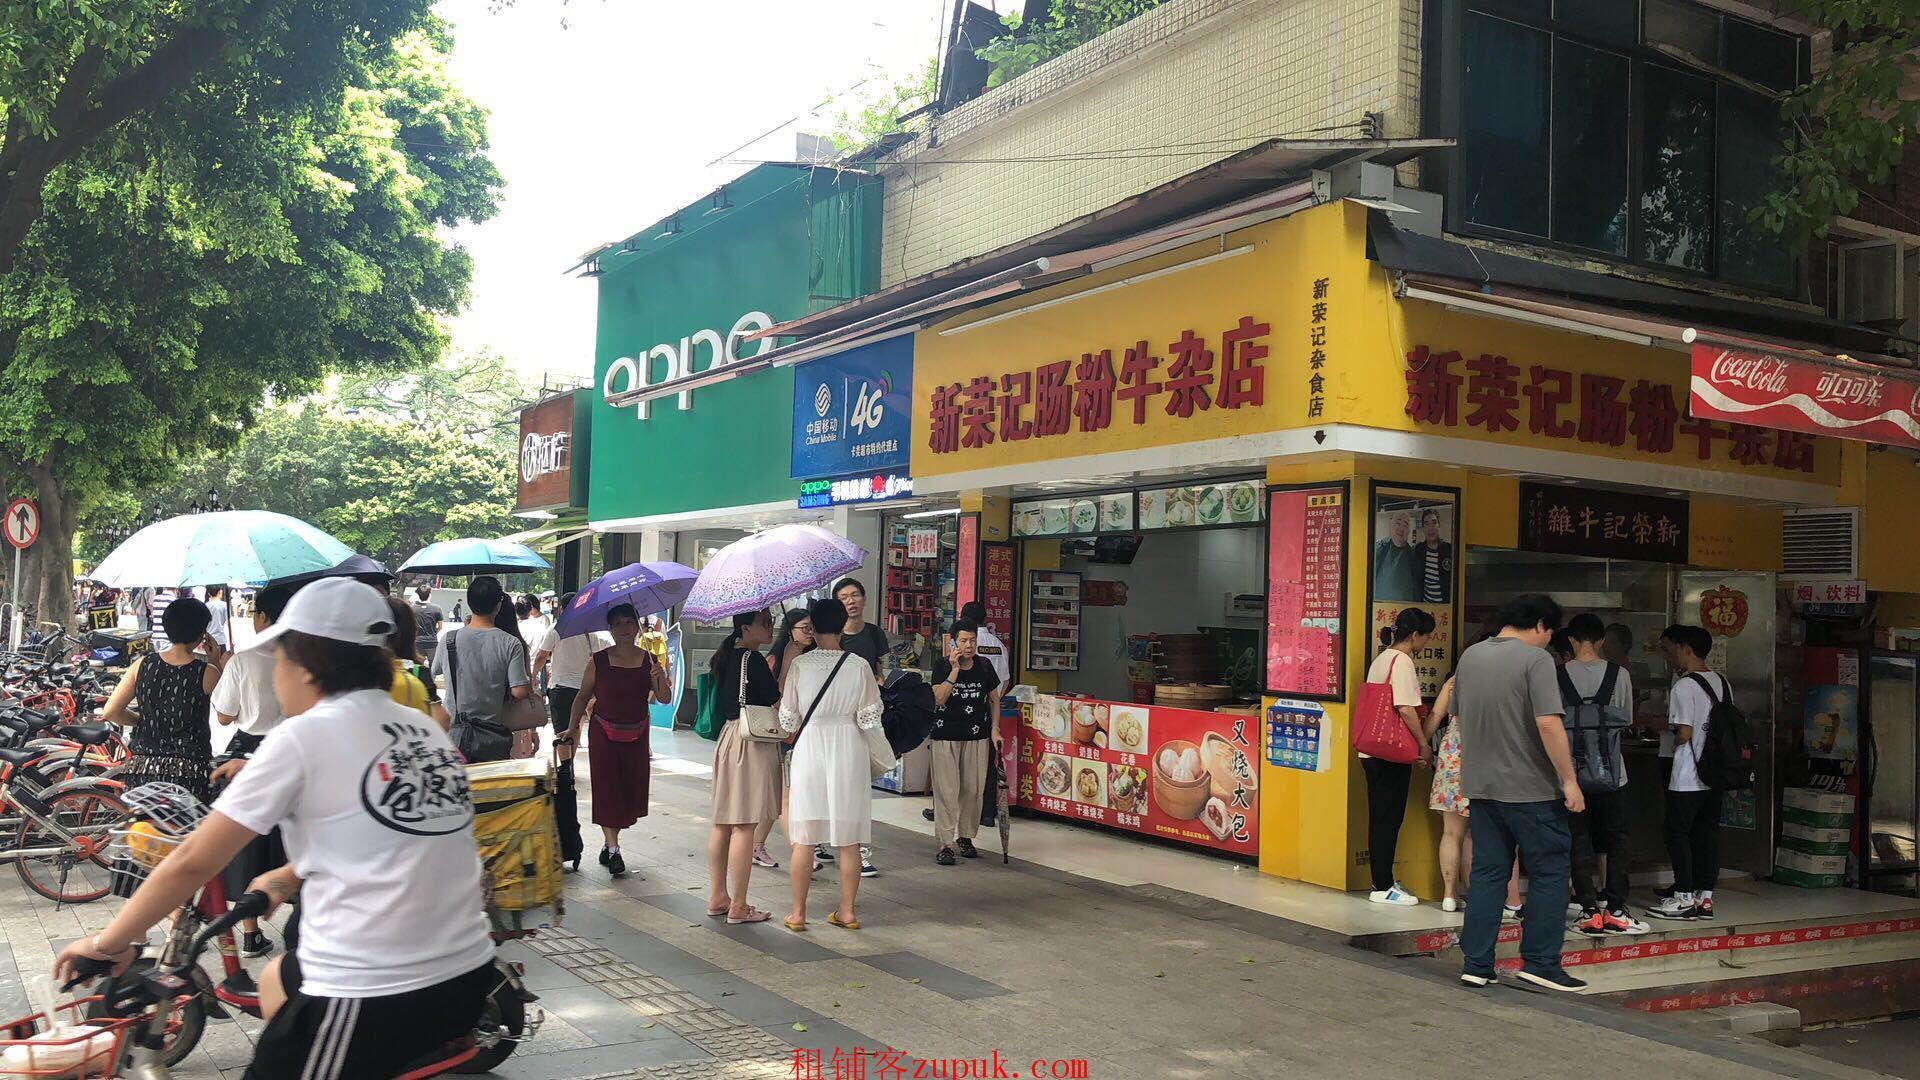 石牌西路餐饮旺铺 饭点人挤人 近地铁 租金低